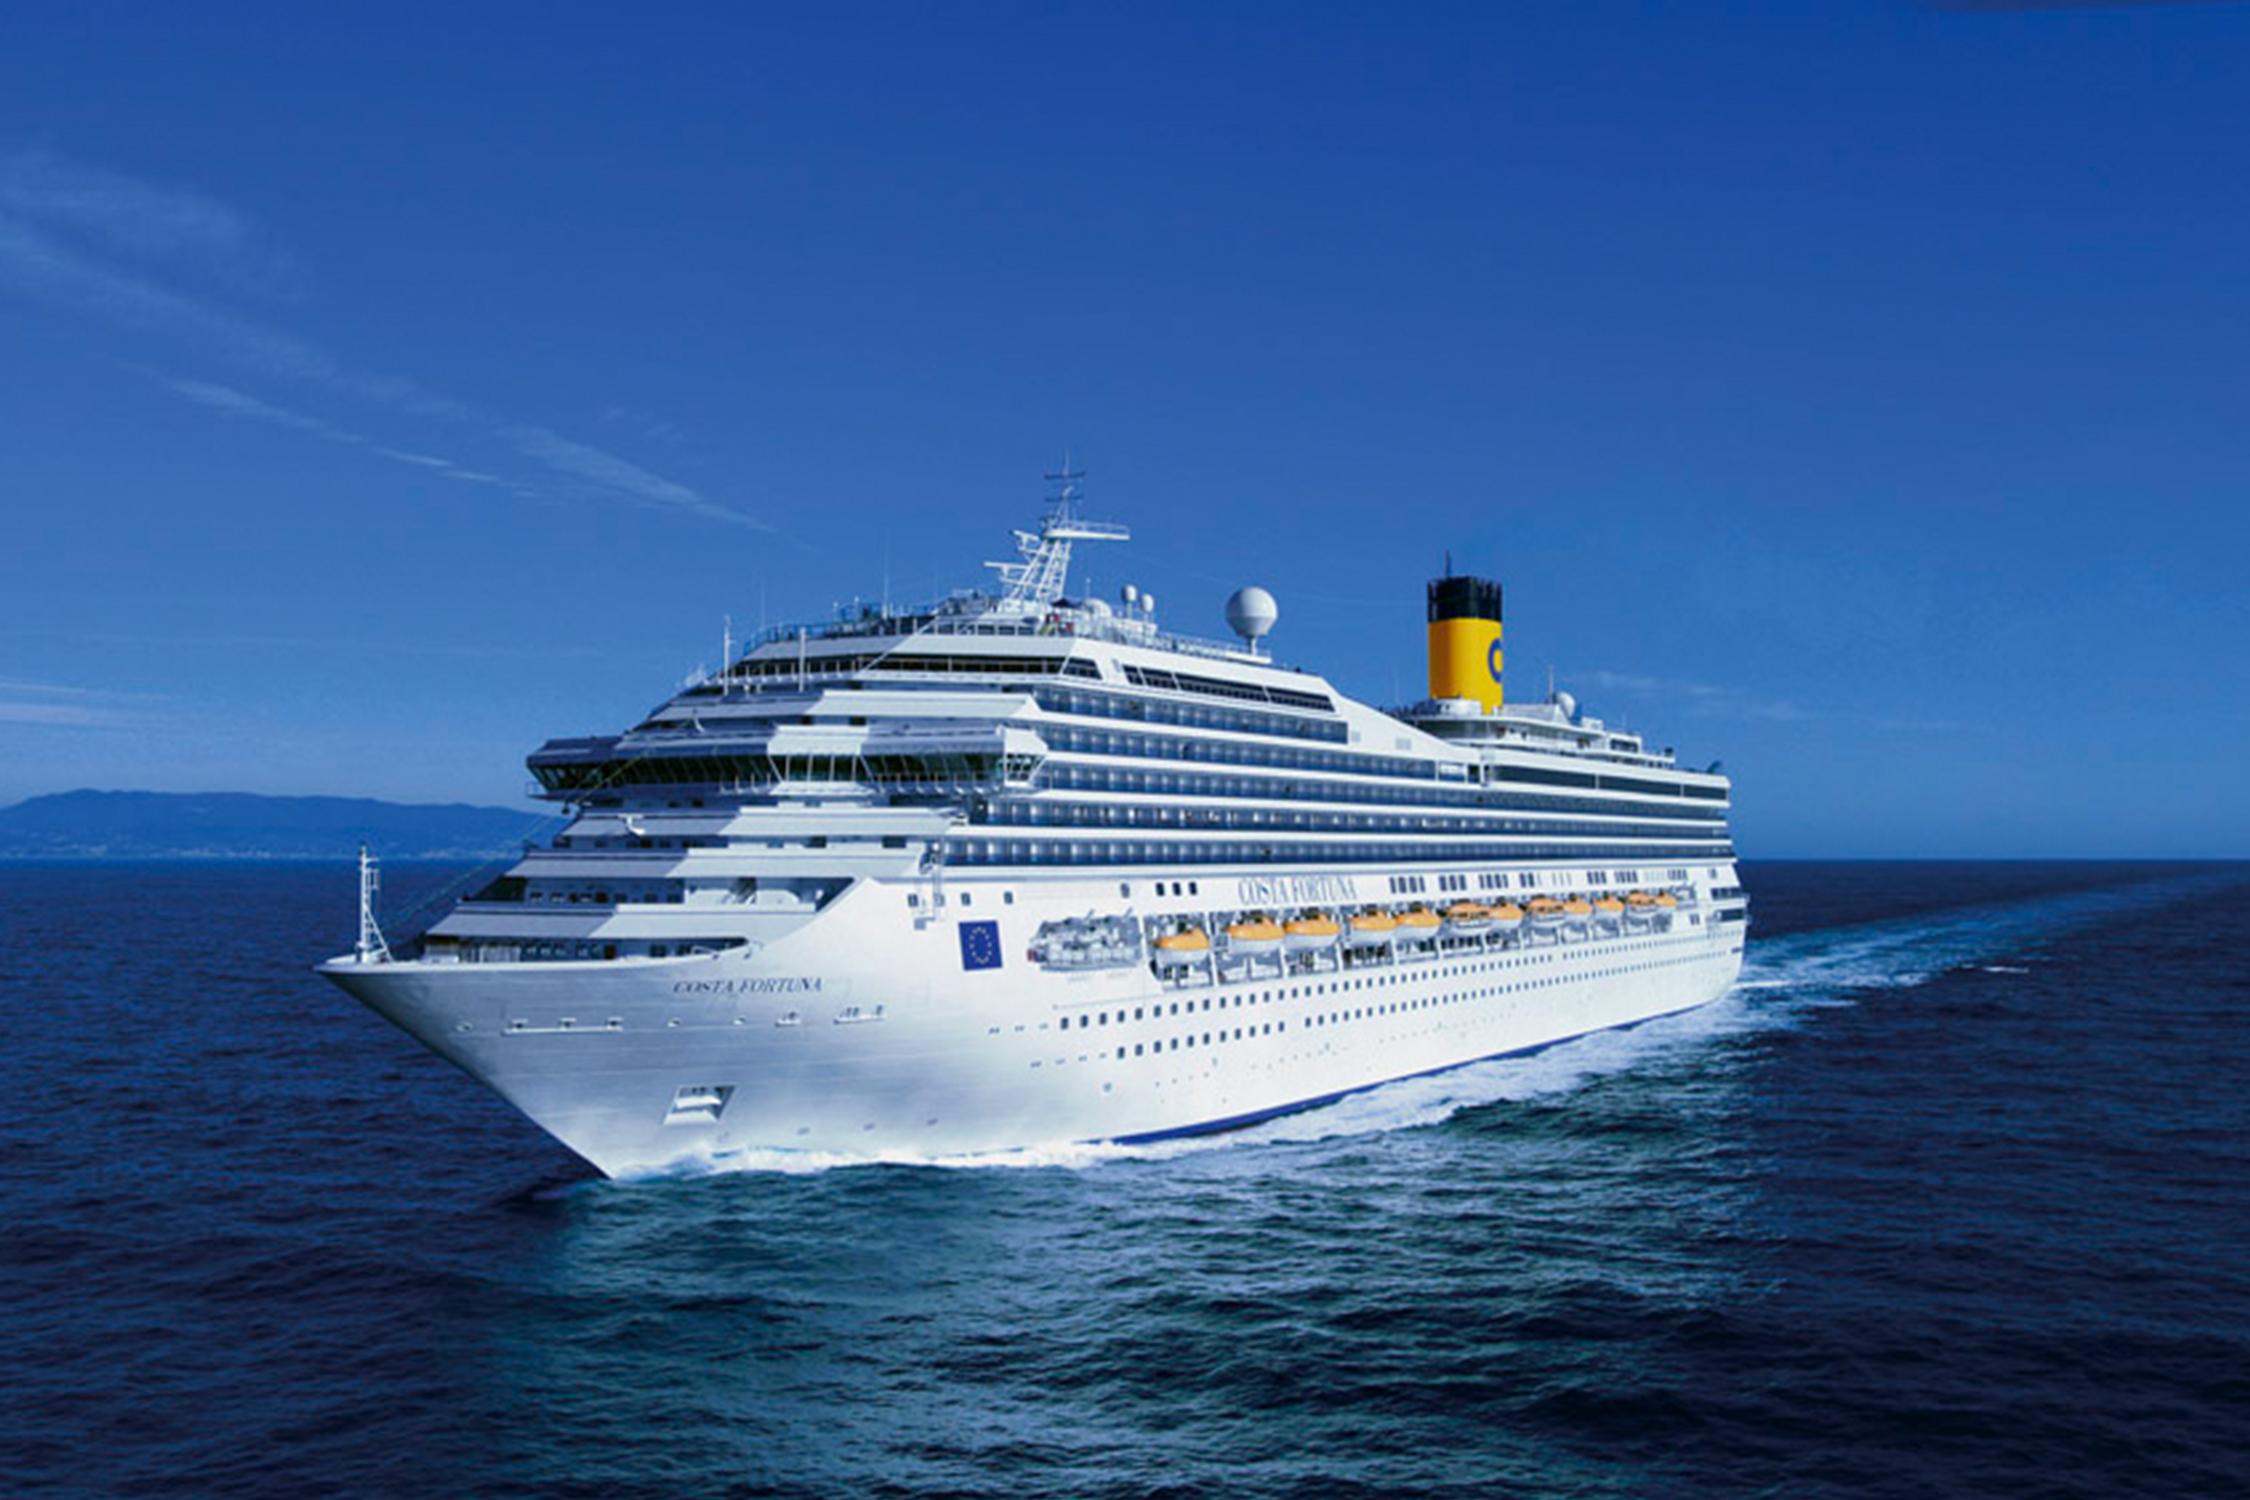 ล่องเรือสำราญ Costa สิงคโปร์ พอร์ตคลัง กัวลาลัมเปอร์ ภูเก็ต 5วัน 3คืน